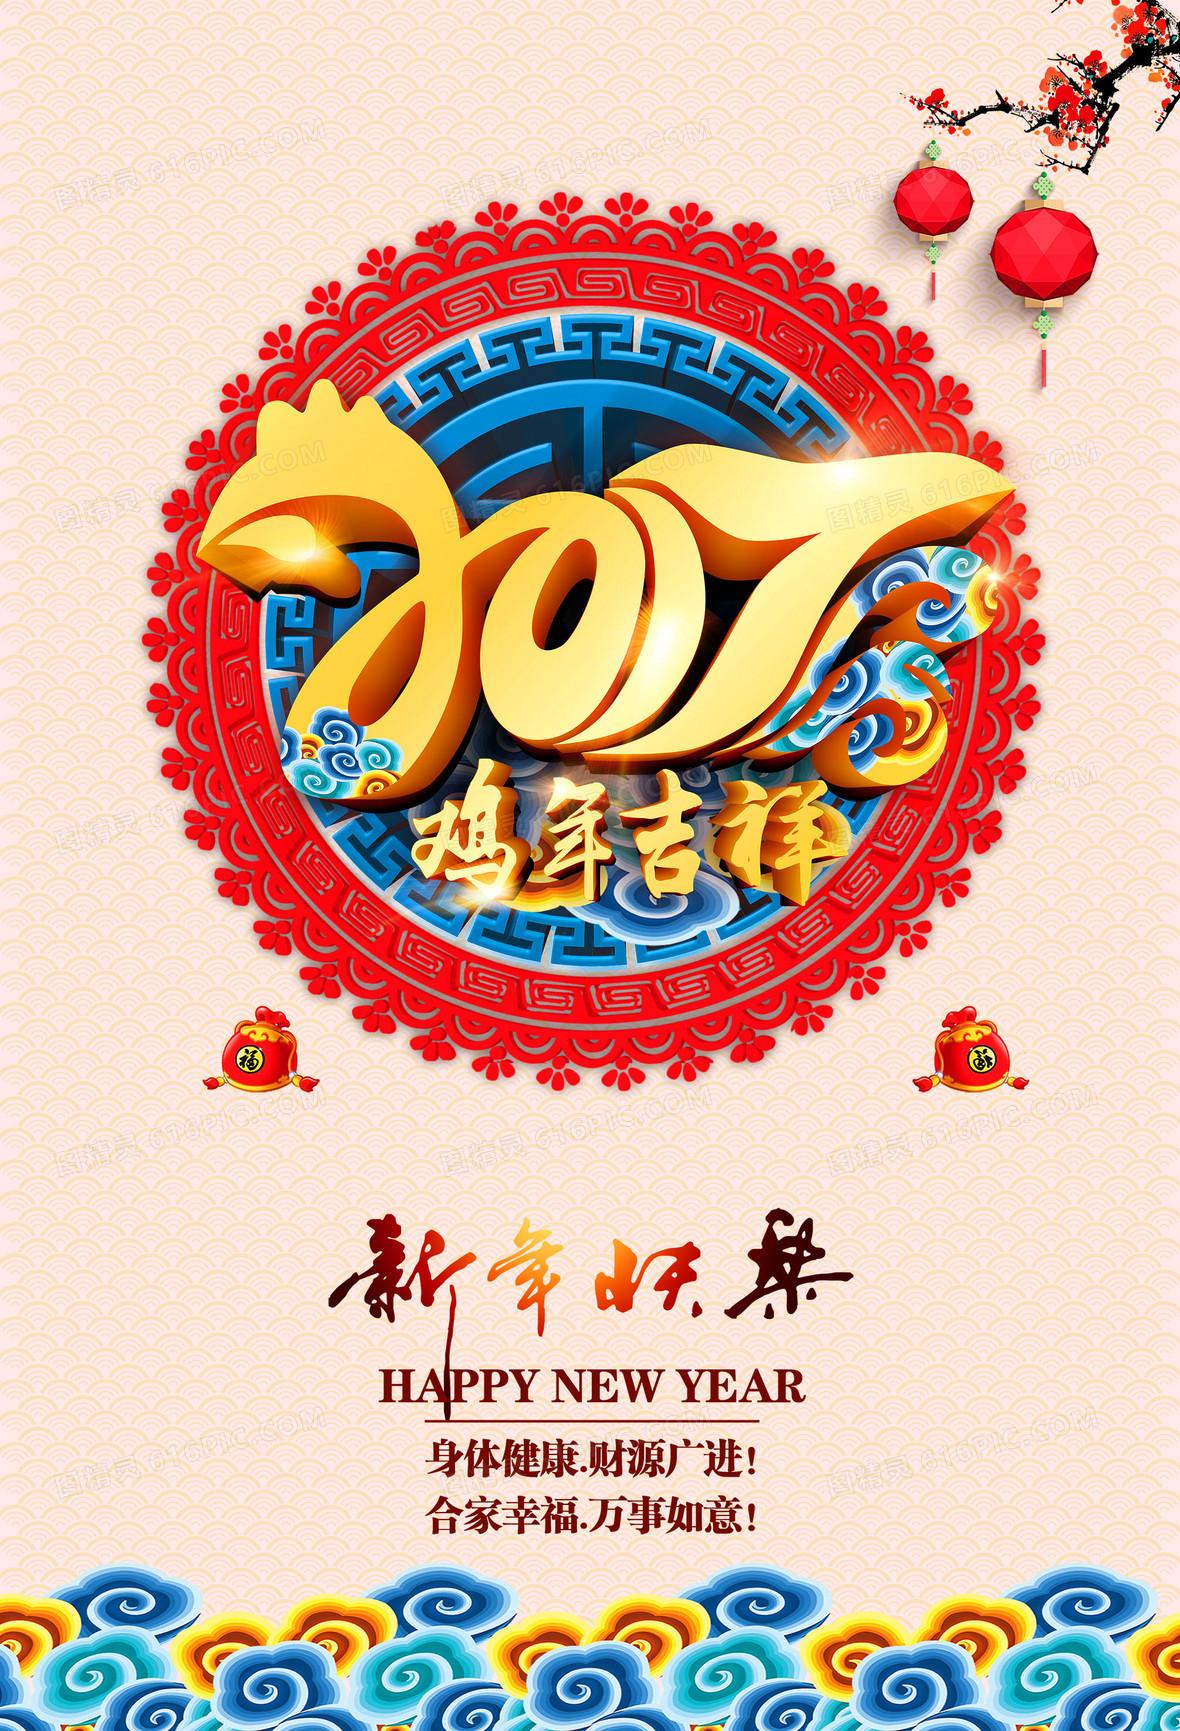 金鸡纳福传统鸡年主题海报背景素材